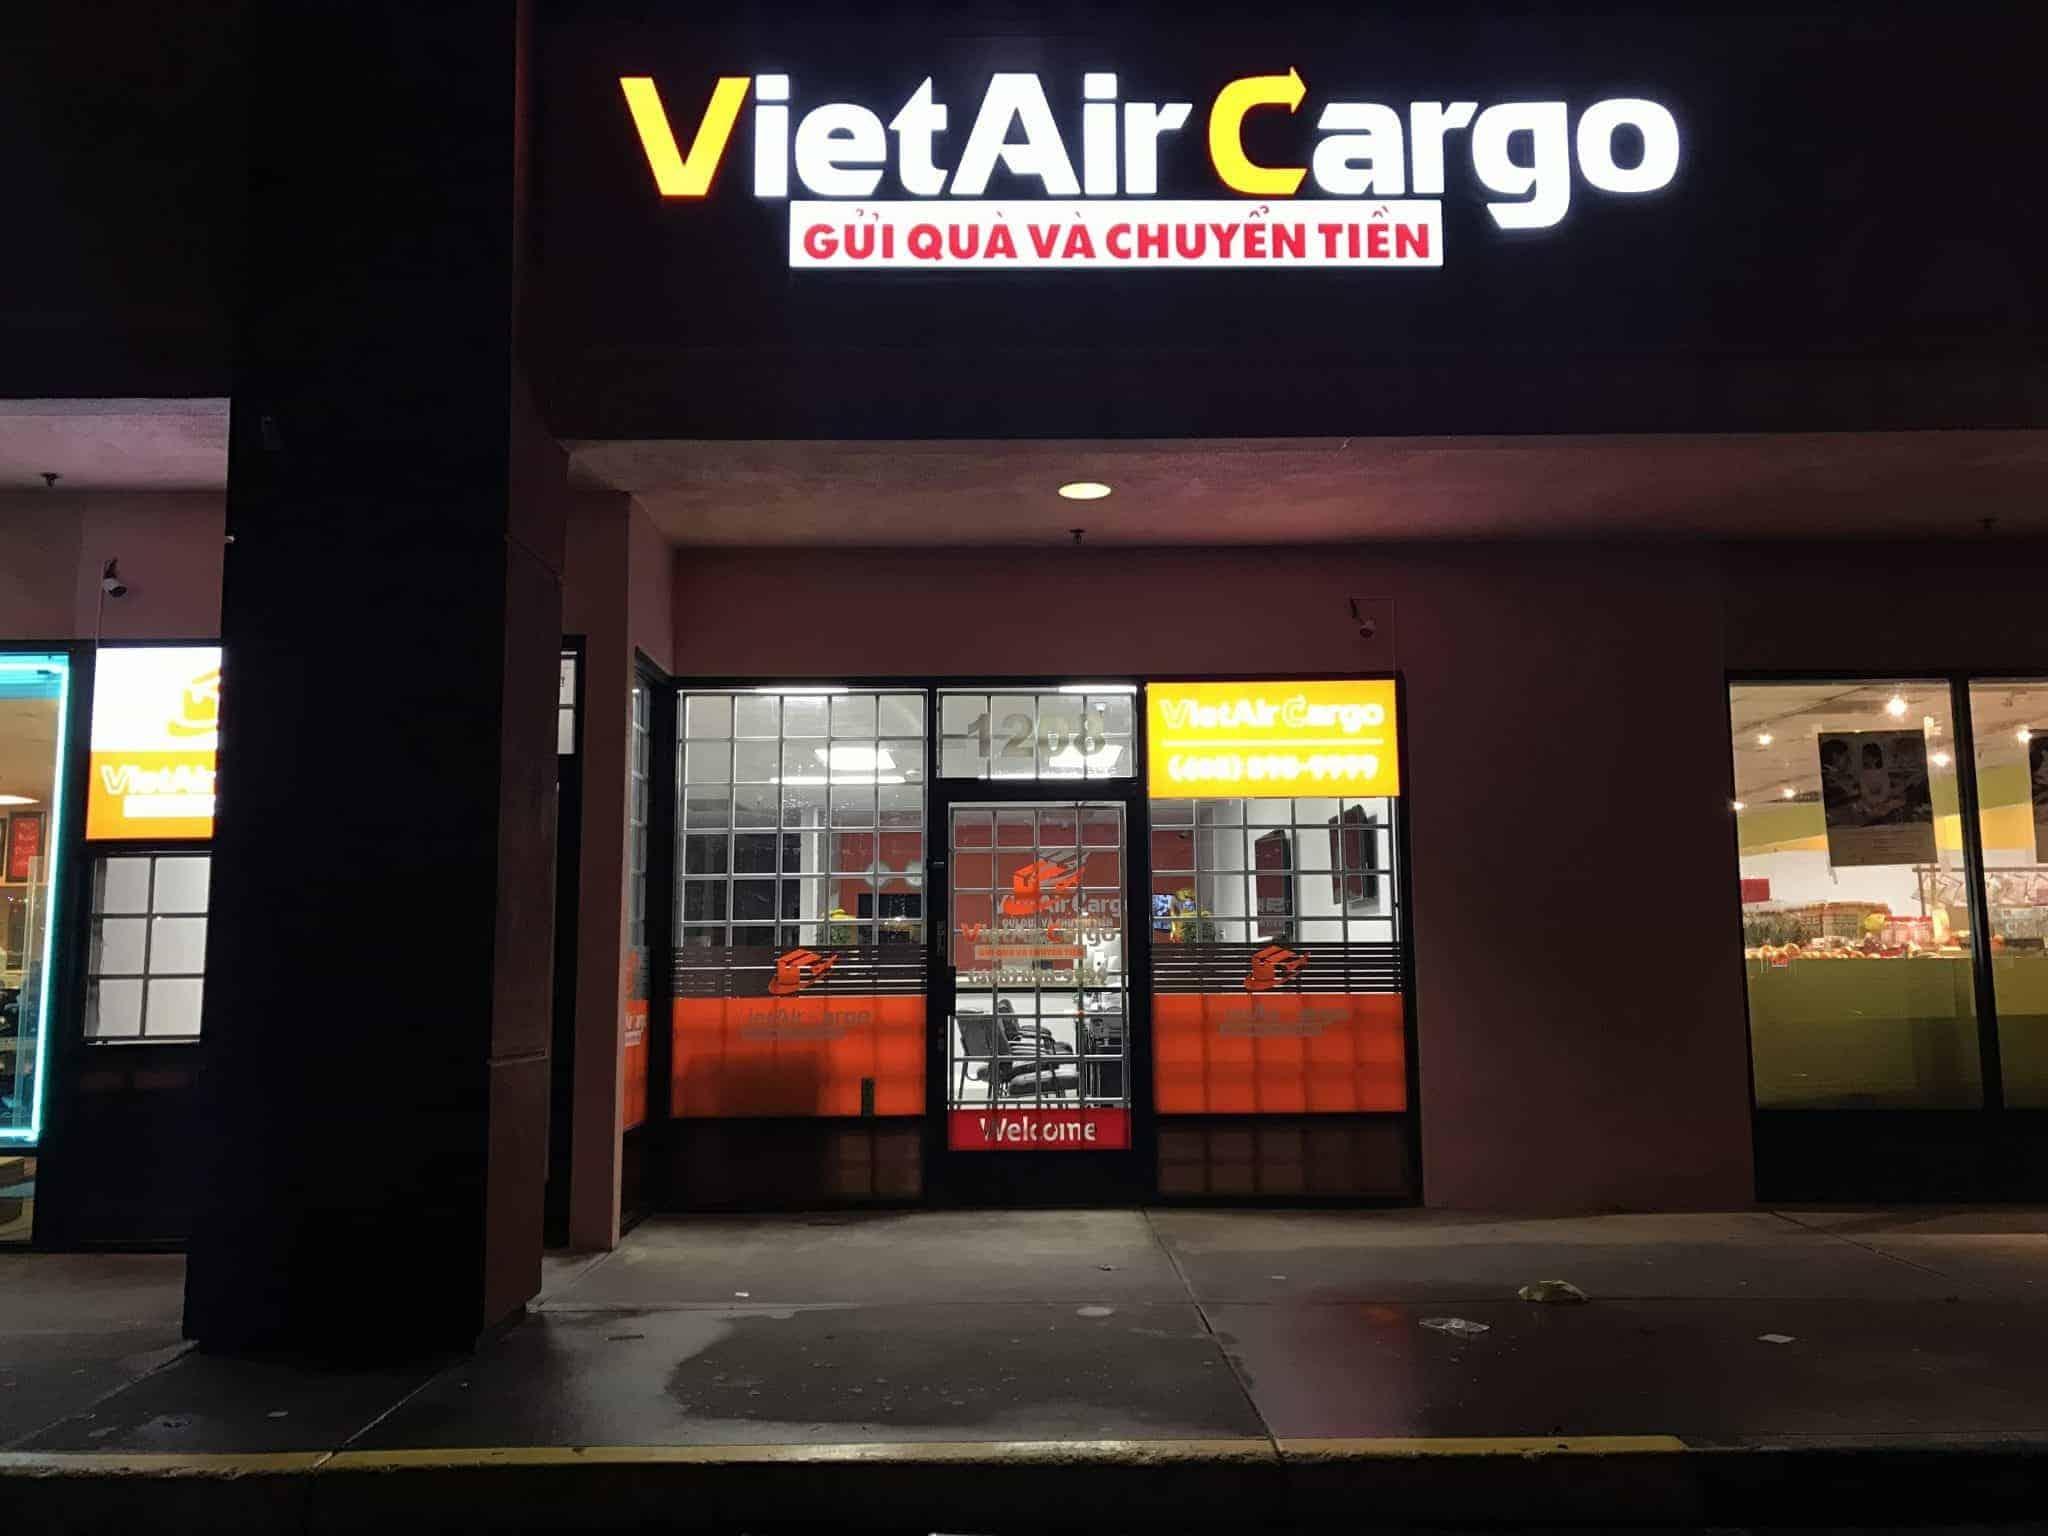 ng-dụng-VietAir-Cargo-V247-ứng-dụng-tiện-lợi-dùng-để-gọi-điện-nước-ngoài-từ-Mỹ-về-Việt-Nam Ứng dụng VietAir Cargo V247 - ứng dụng tiện lợi dùng để gọi điện nước ngoài từ Mỹ về Việt Nam